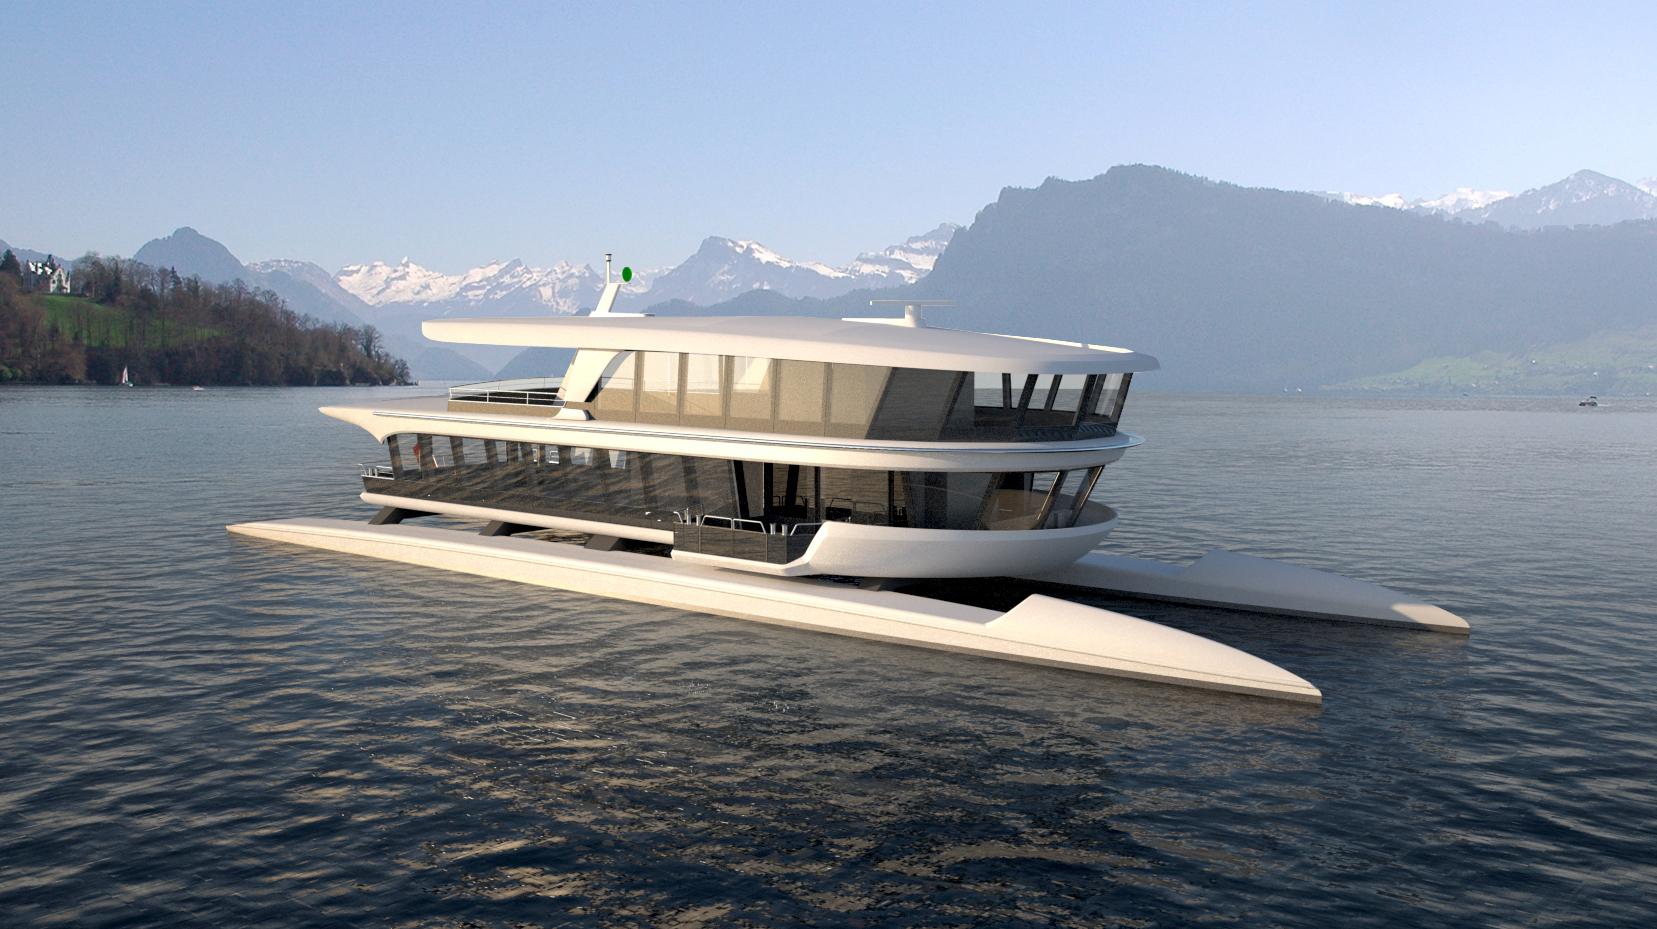 Die MS Bürgenstock, ein schneller Katamaran für 300 Passagiere, kommt ab 2018 als Shuttle zum Einsatz.